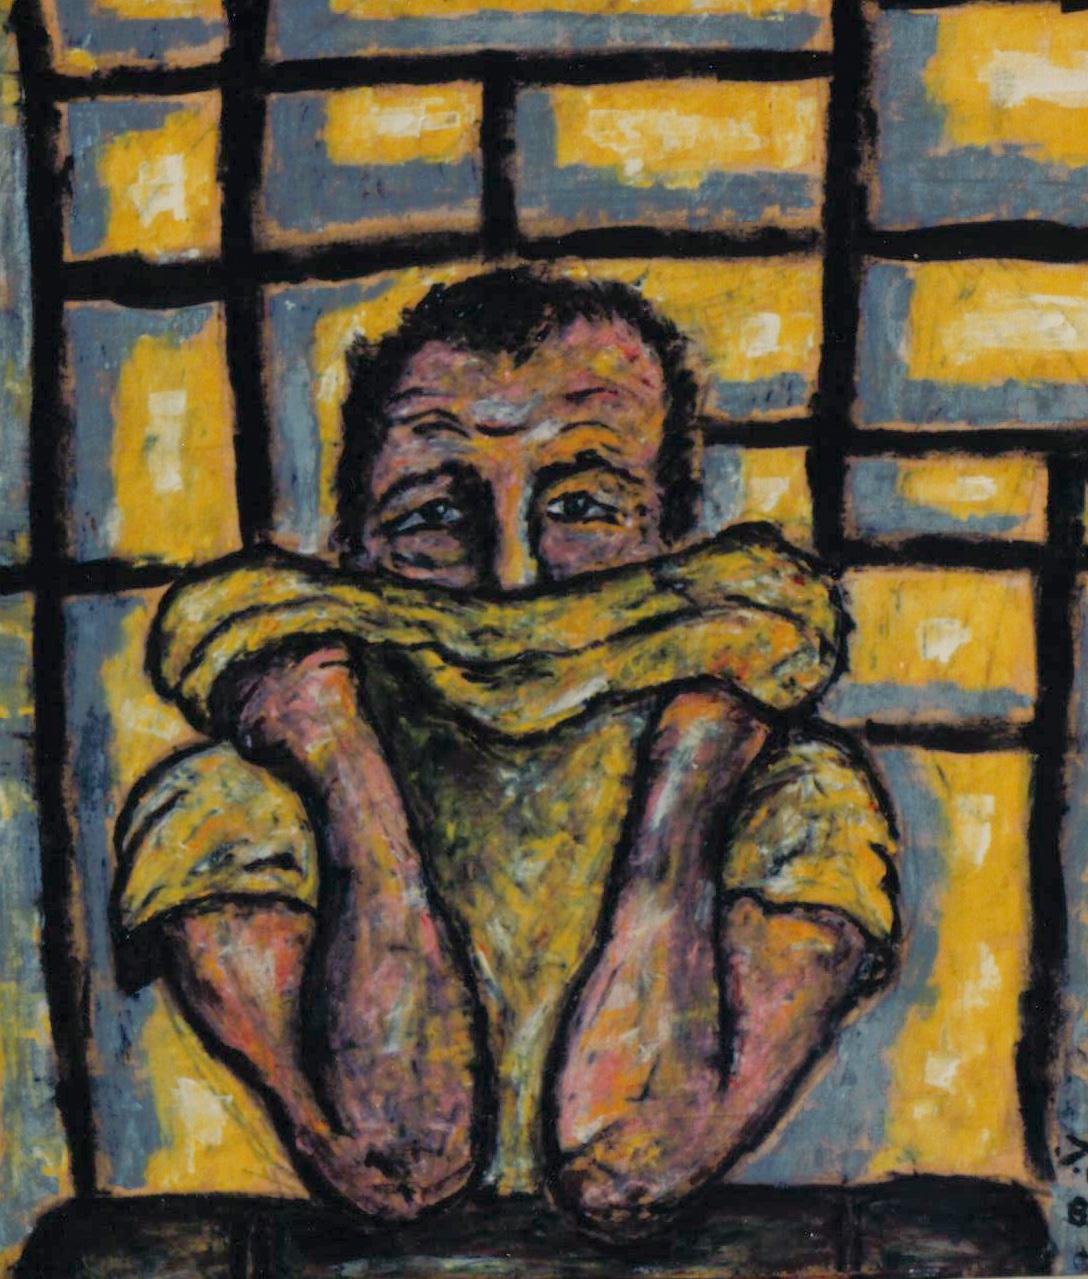 Pino Boresta, Ho paura, materiali vari su tovagliolo, 1989